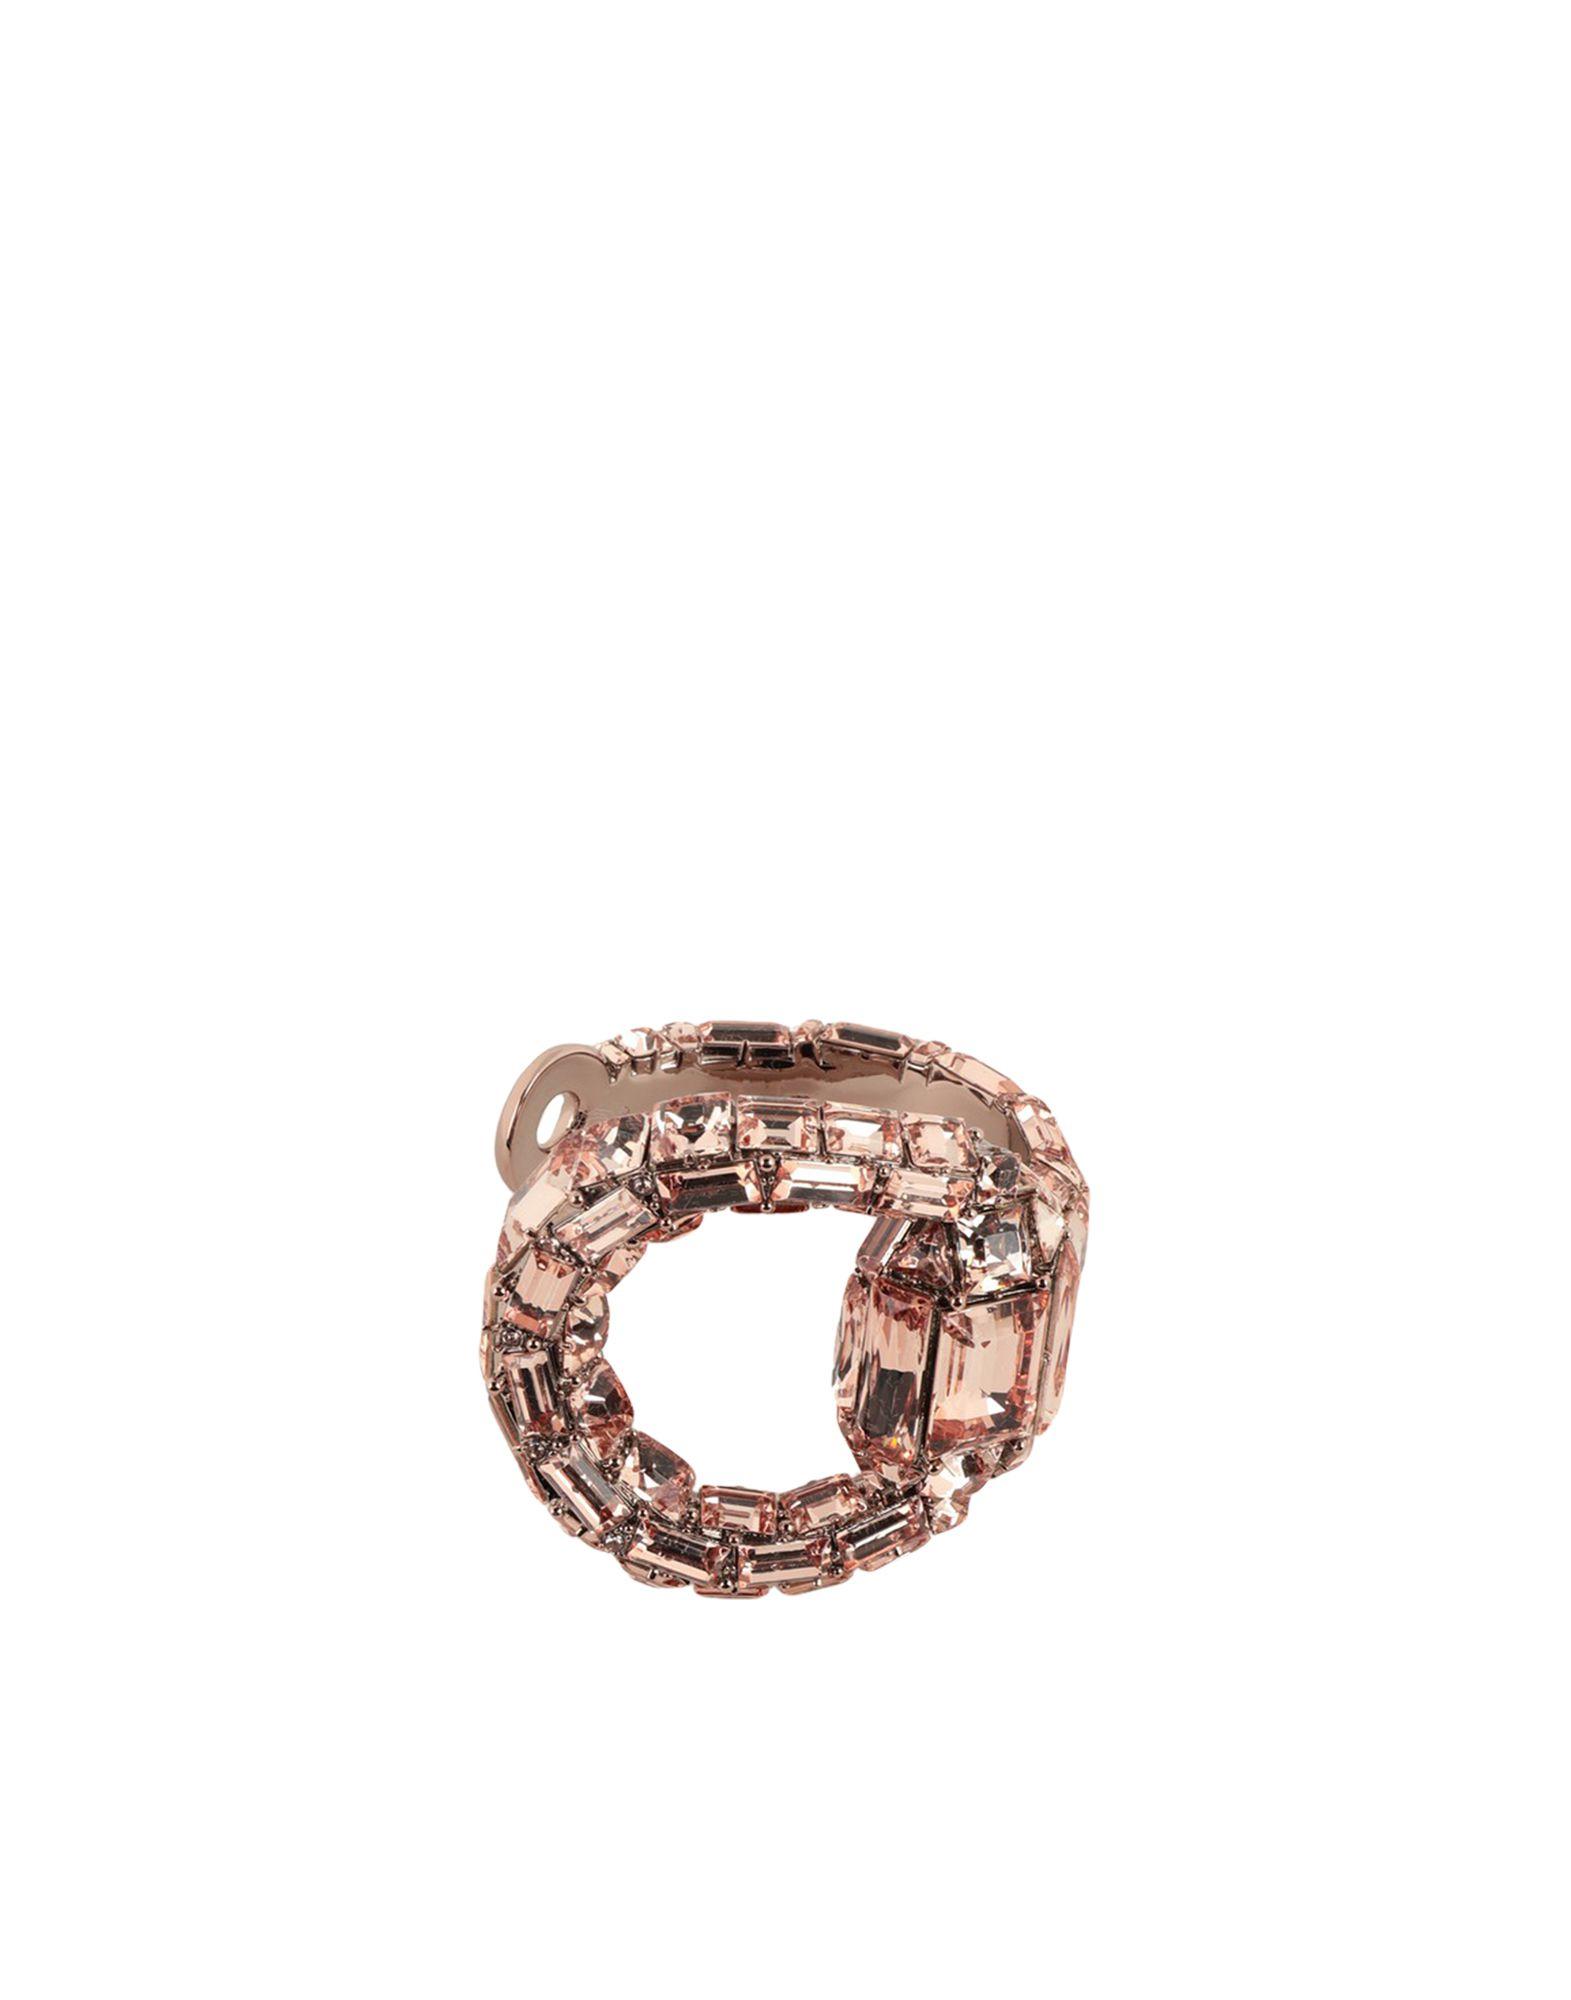 GUCCI Bracelets - Item 50243037